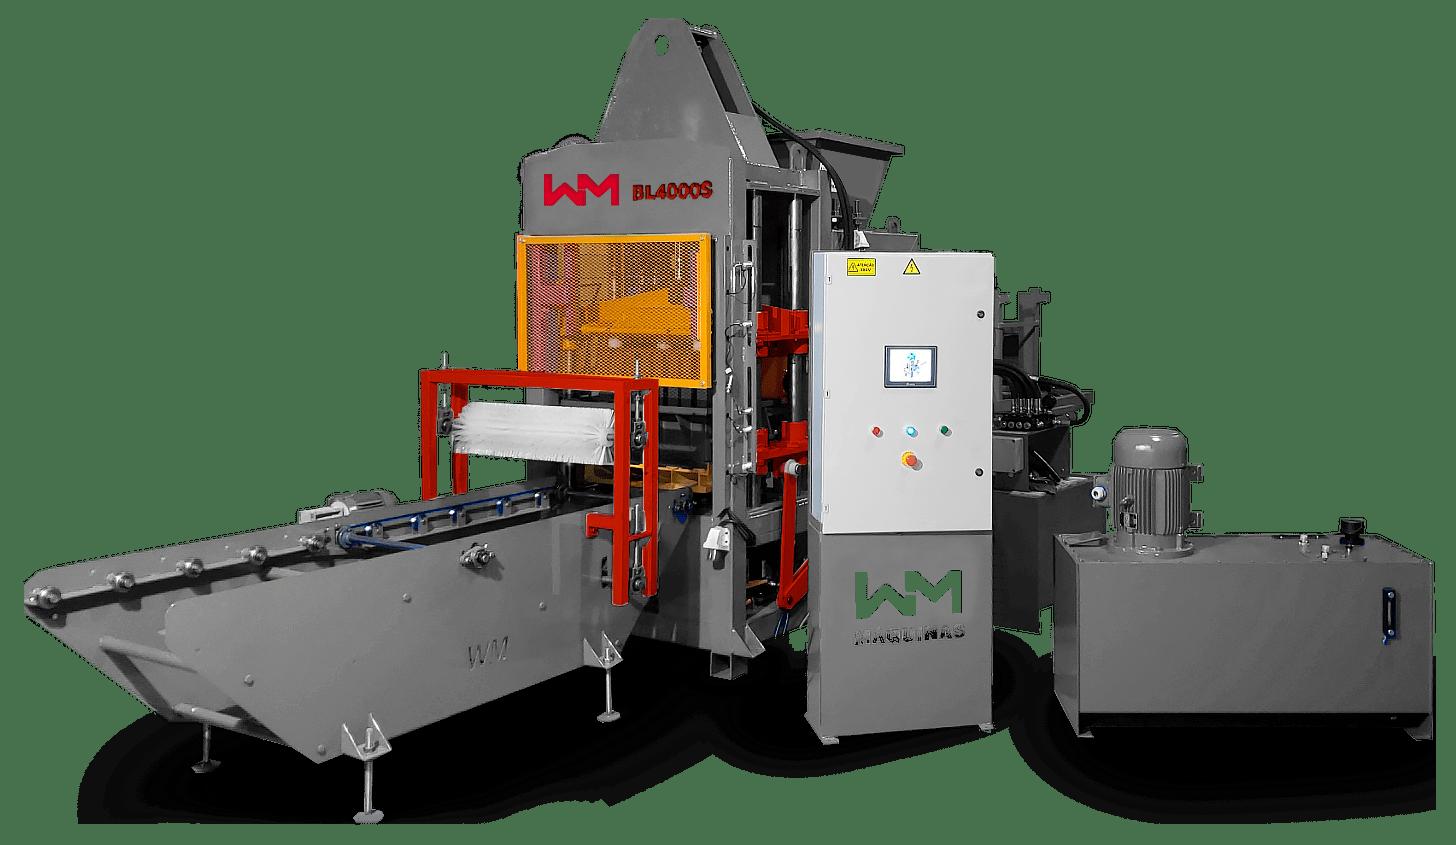 Máquina de blocos hidráulica BL4000S